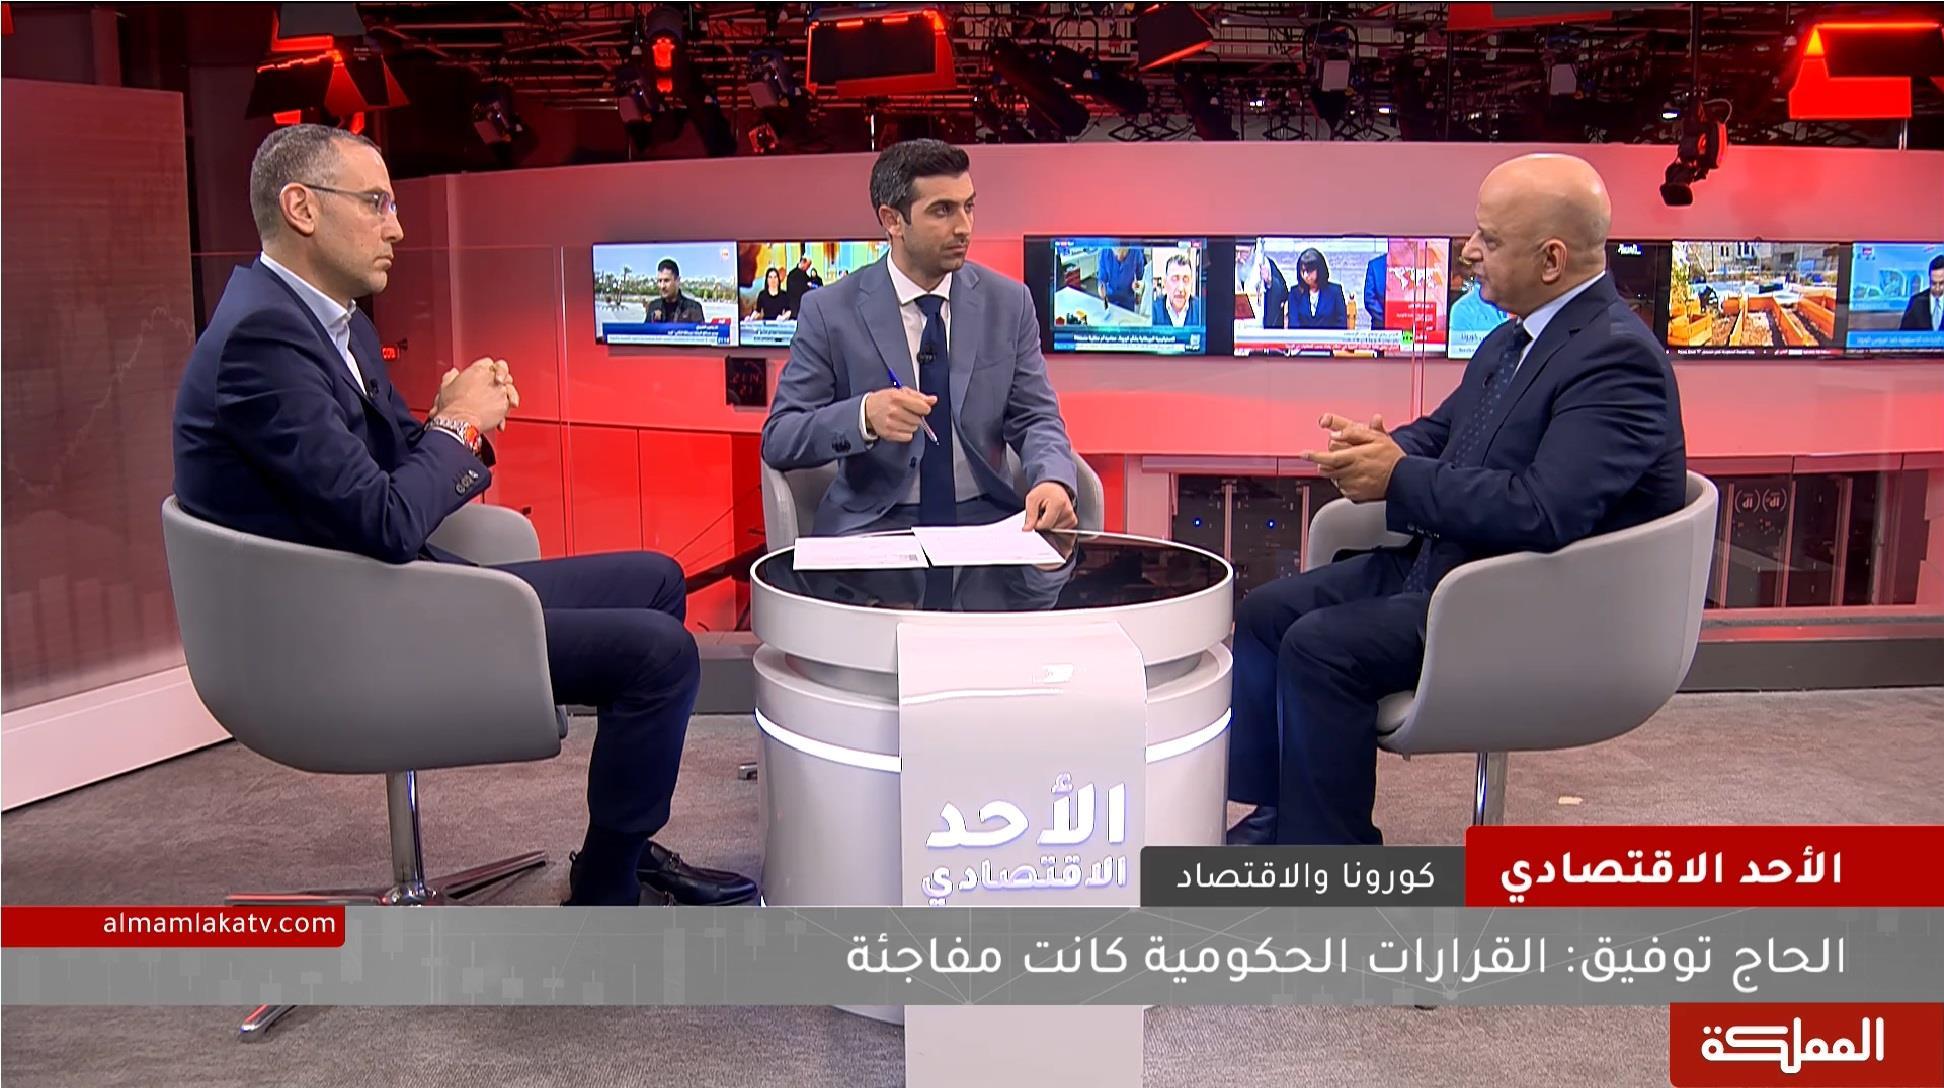 الأحد الاقتصادي | الأثار الاقتصادية لكورونا على الأردن